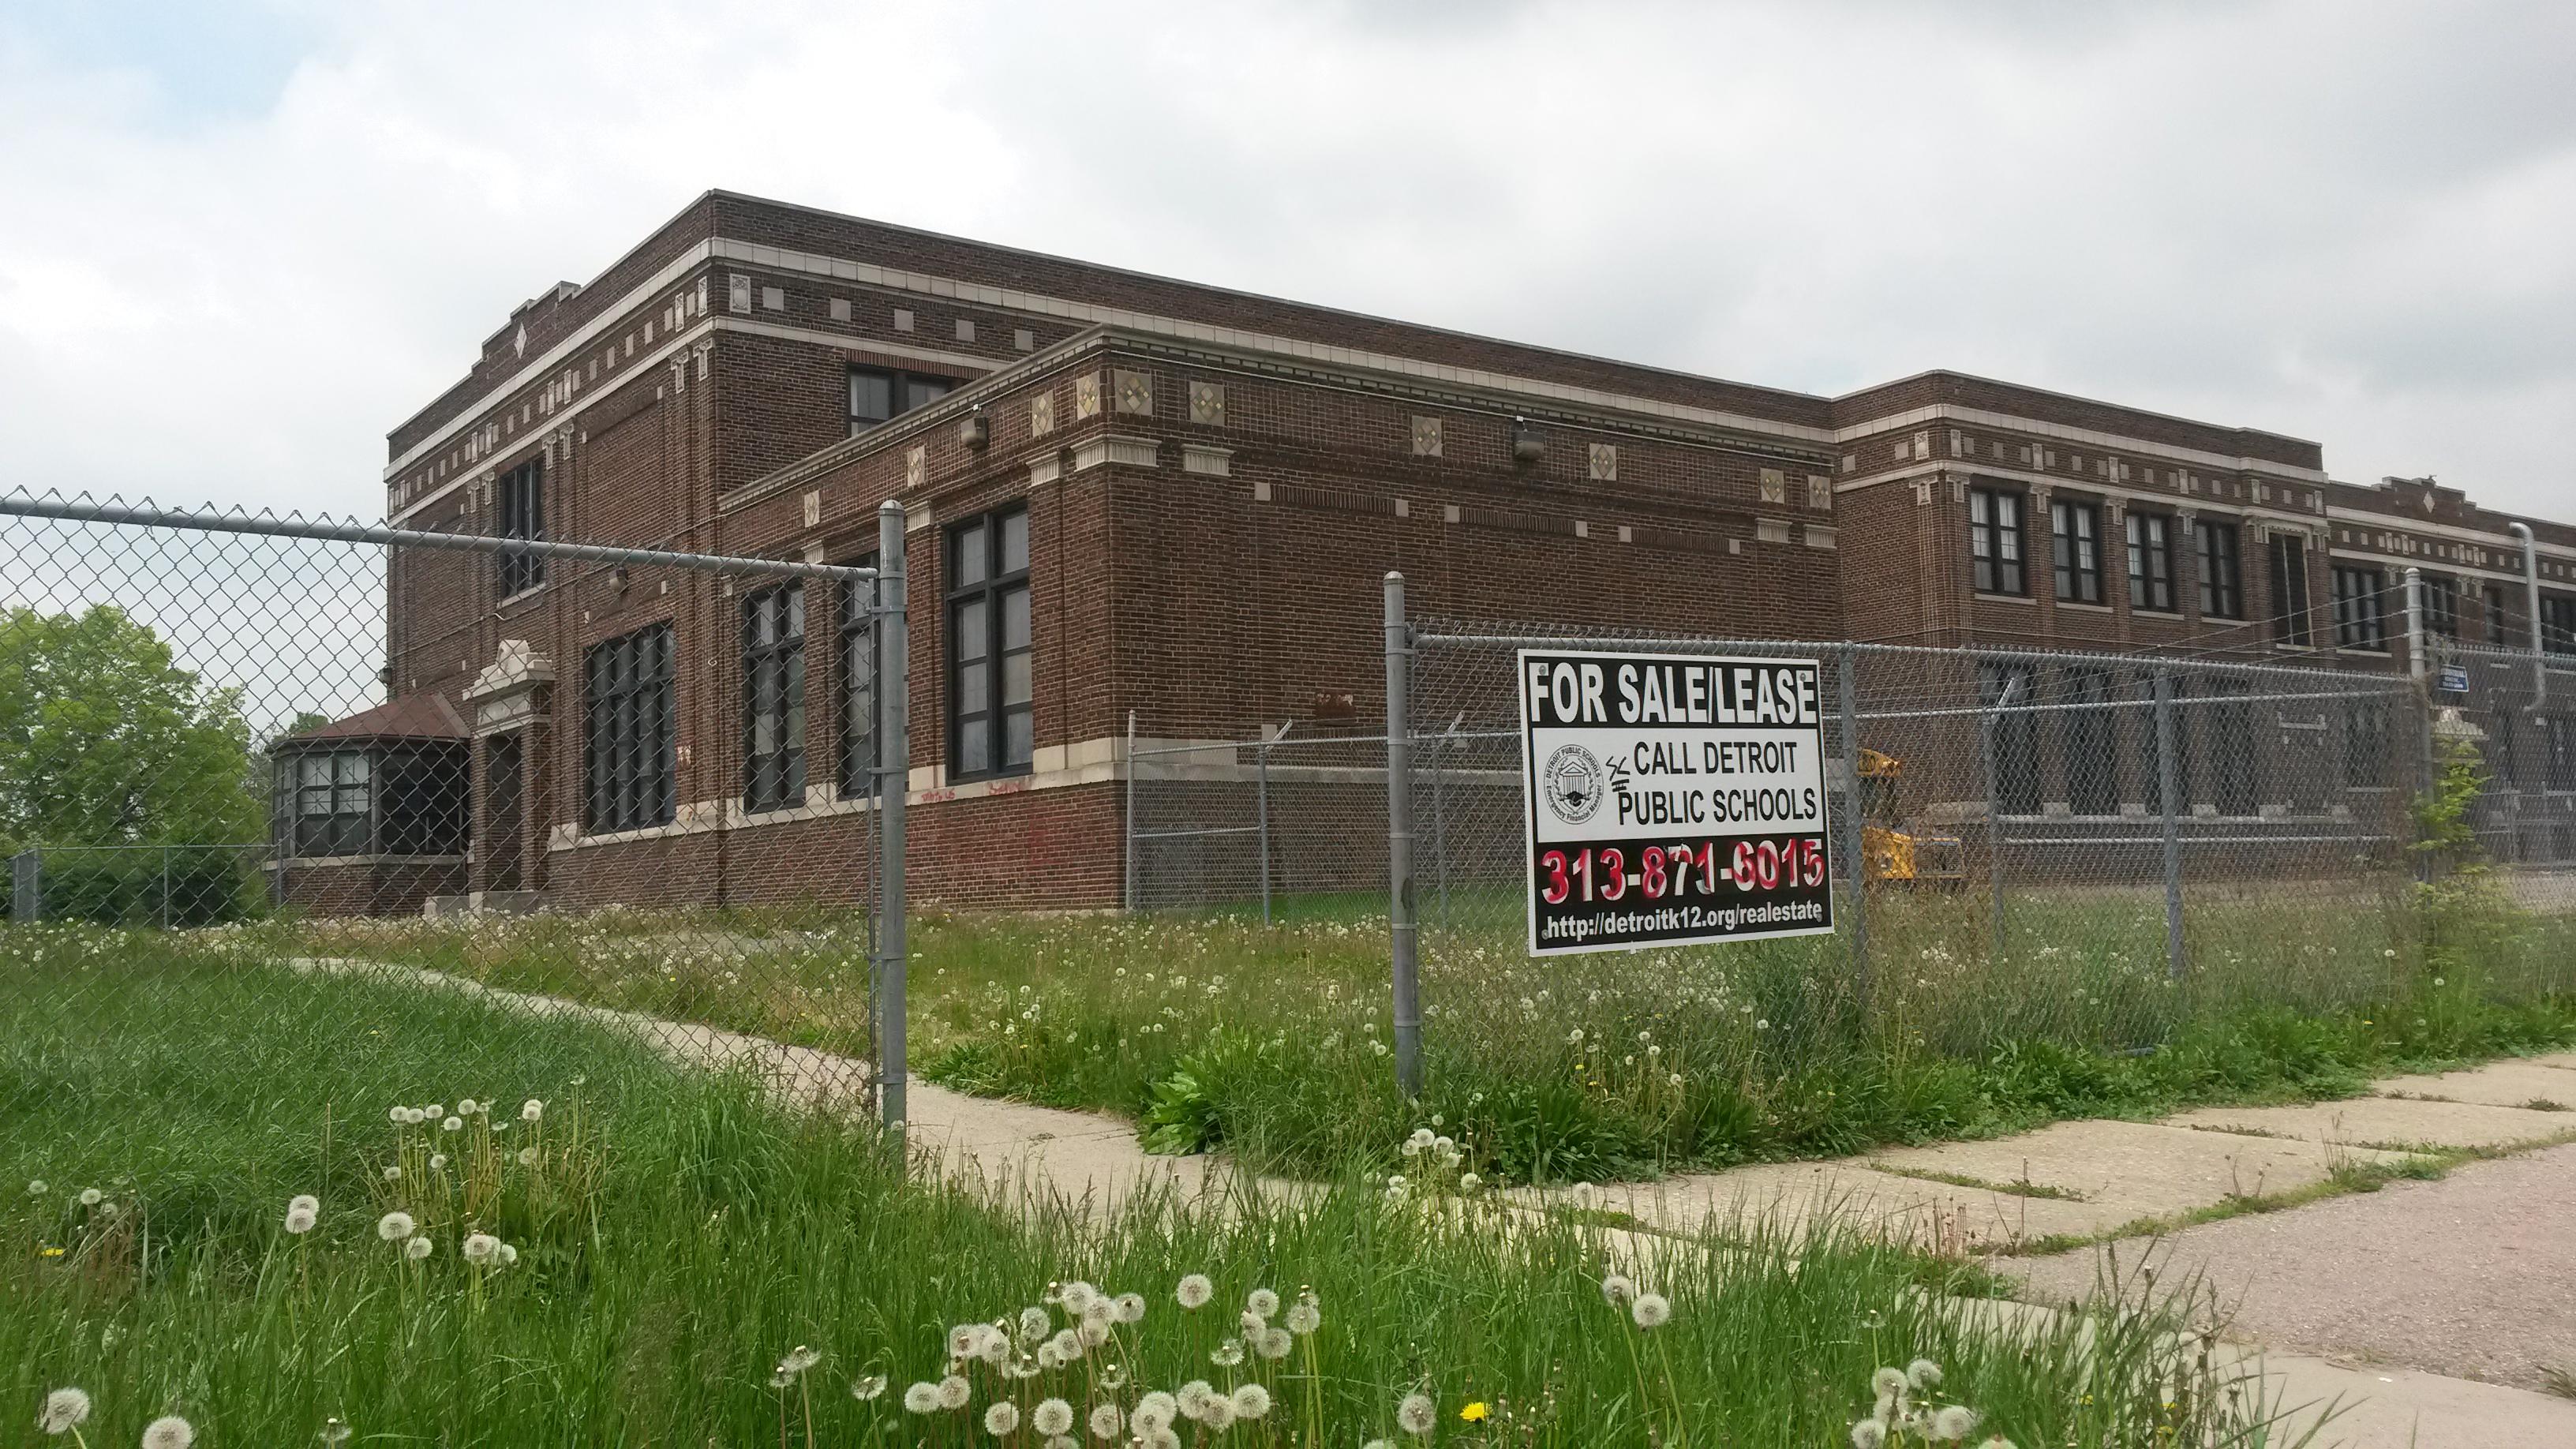 Detroit Public Schools has closed more than 80 schools due to severe drops in enrollment.